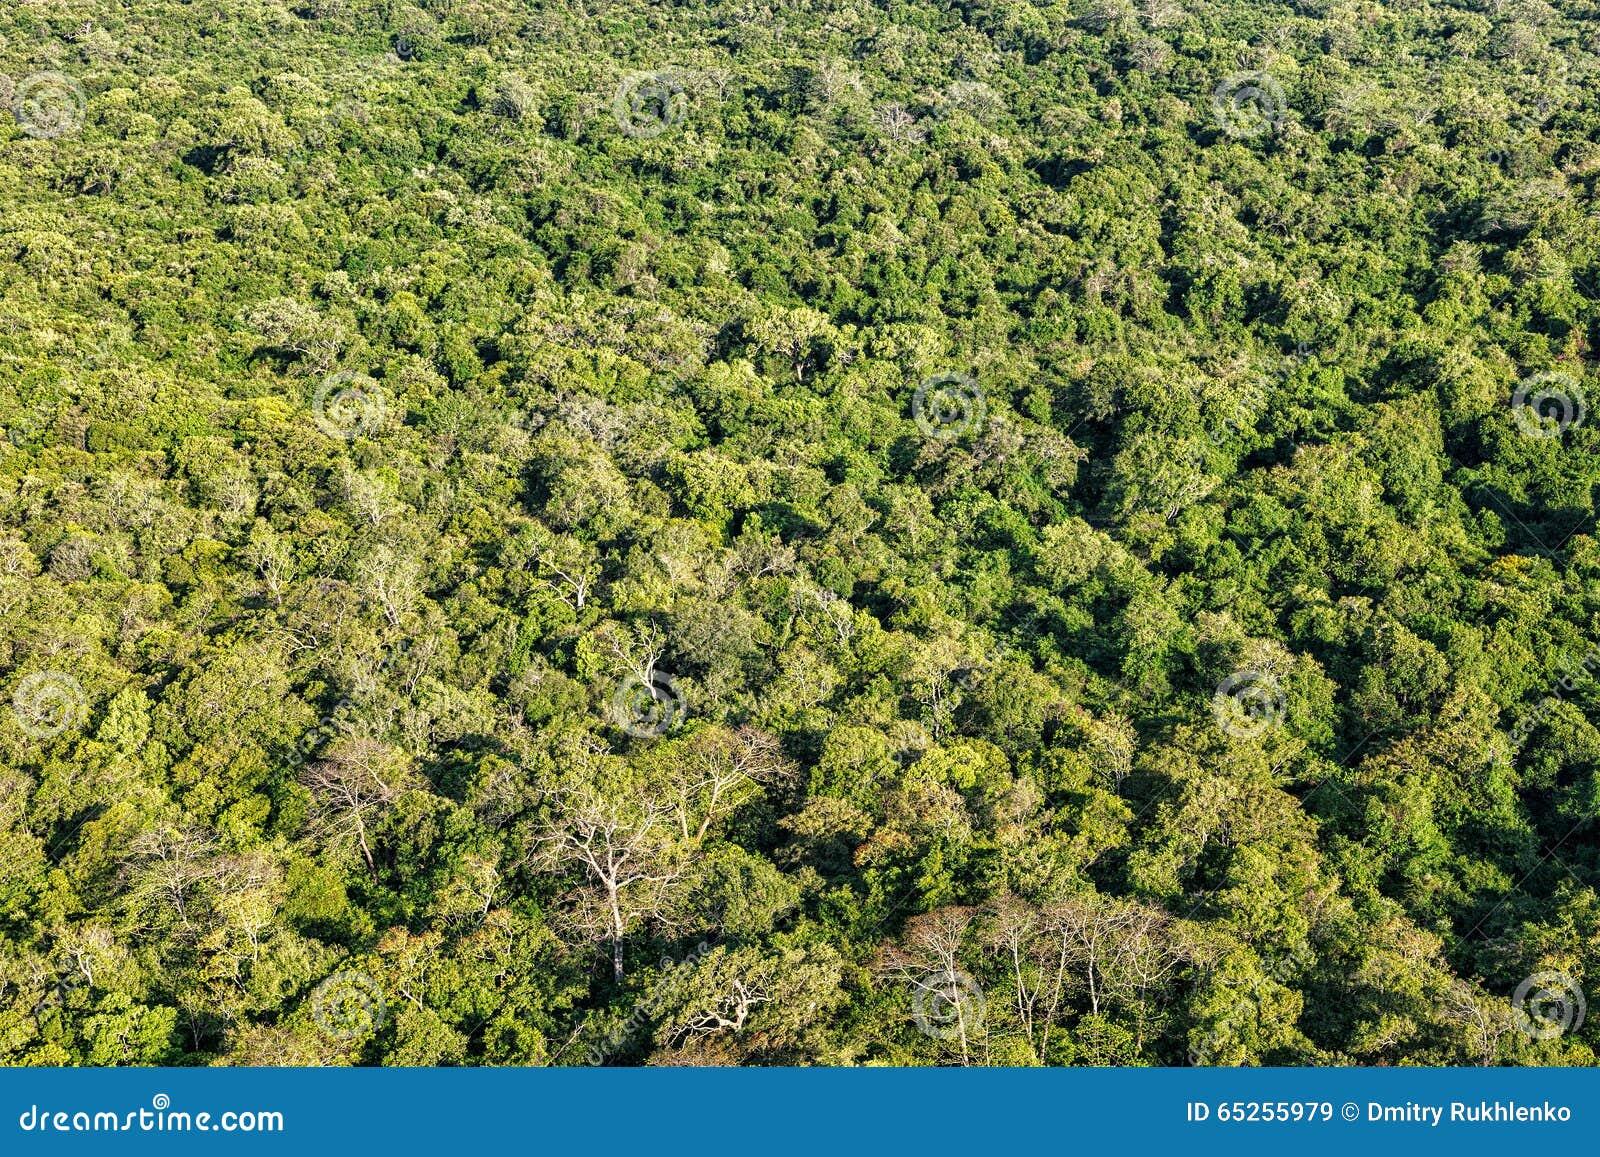 热带森林鸟瞰图图片